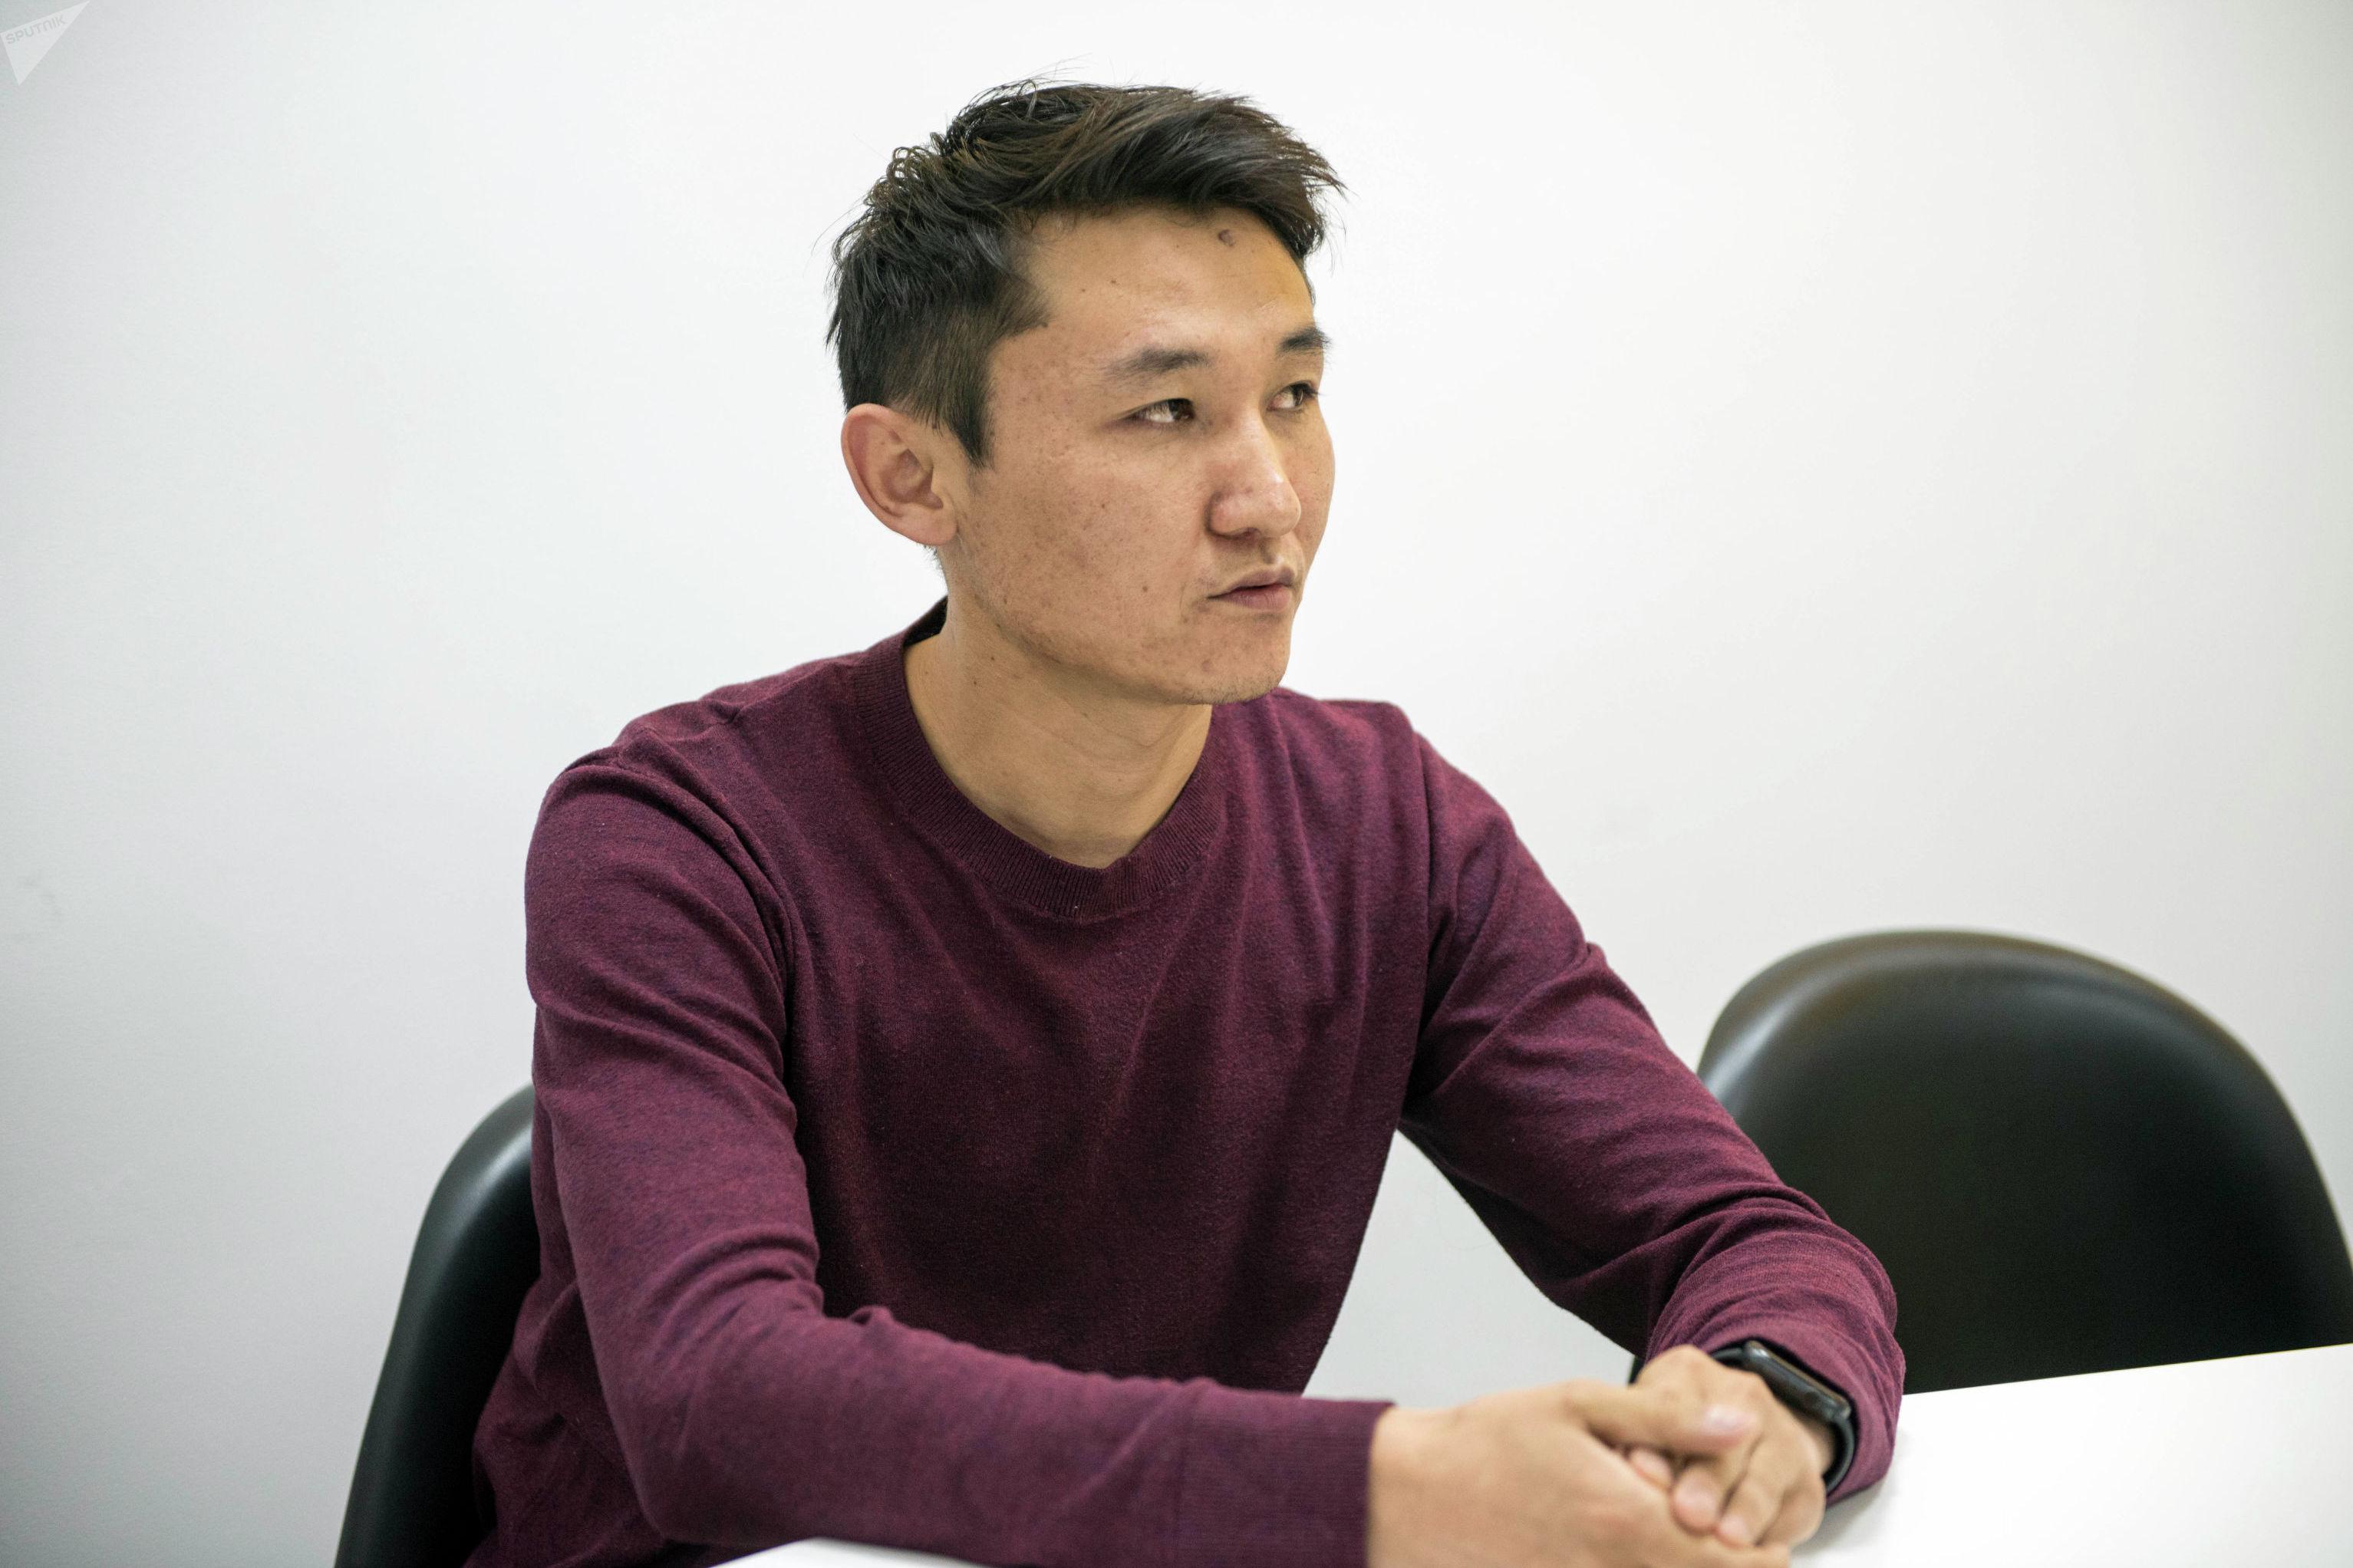 Руководитель IT компании Cybertek в Чикаго Эсен Ниязов во время беседы